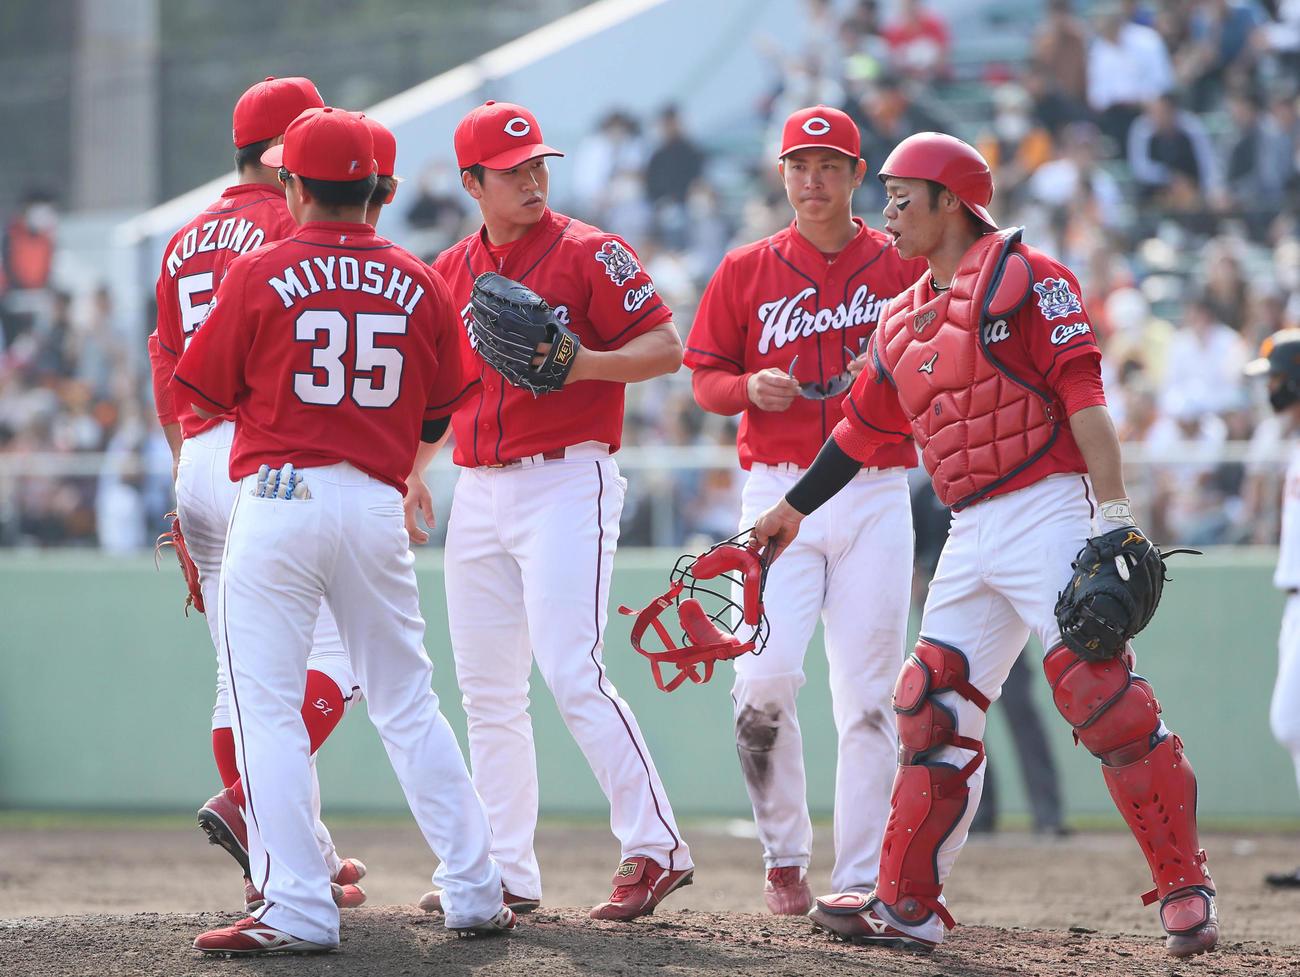 巨人対広島 オープン戦 5回裏巨人1死一、二塁、岡本に2点適時二塁打を浴びマウンドで声をかけられる矢崎(左から3人目)(撮影・栗木一考)